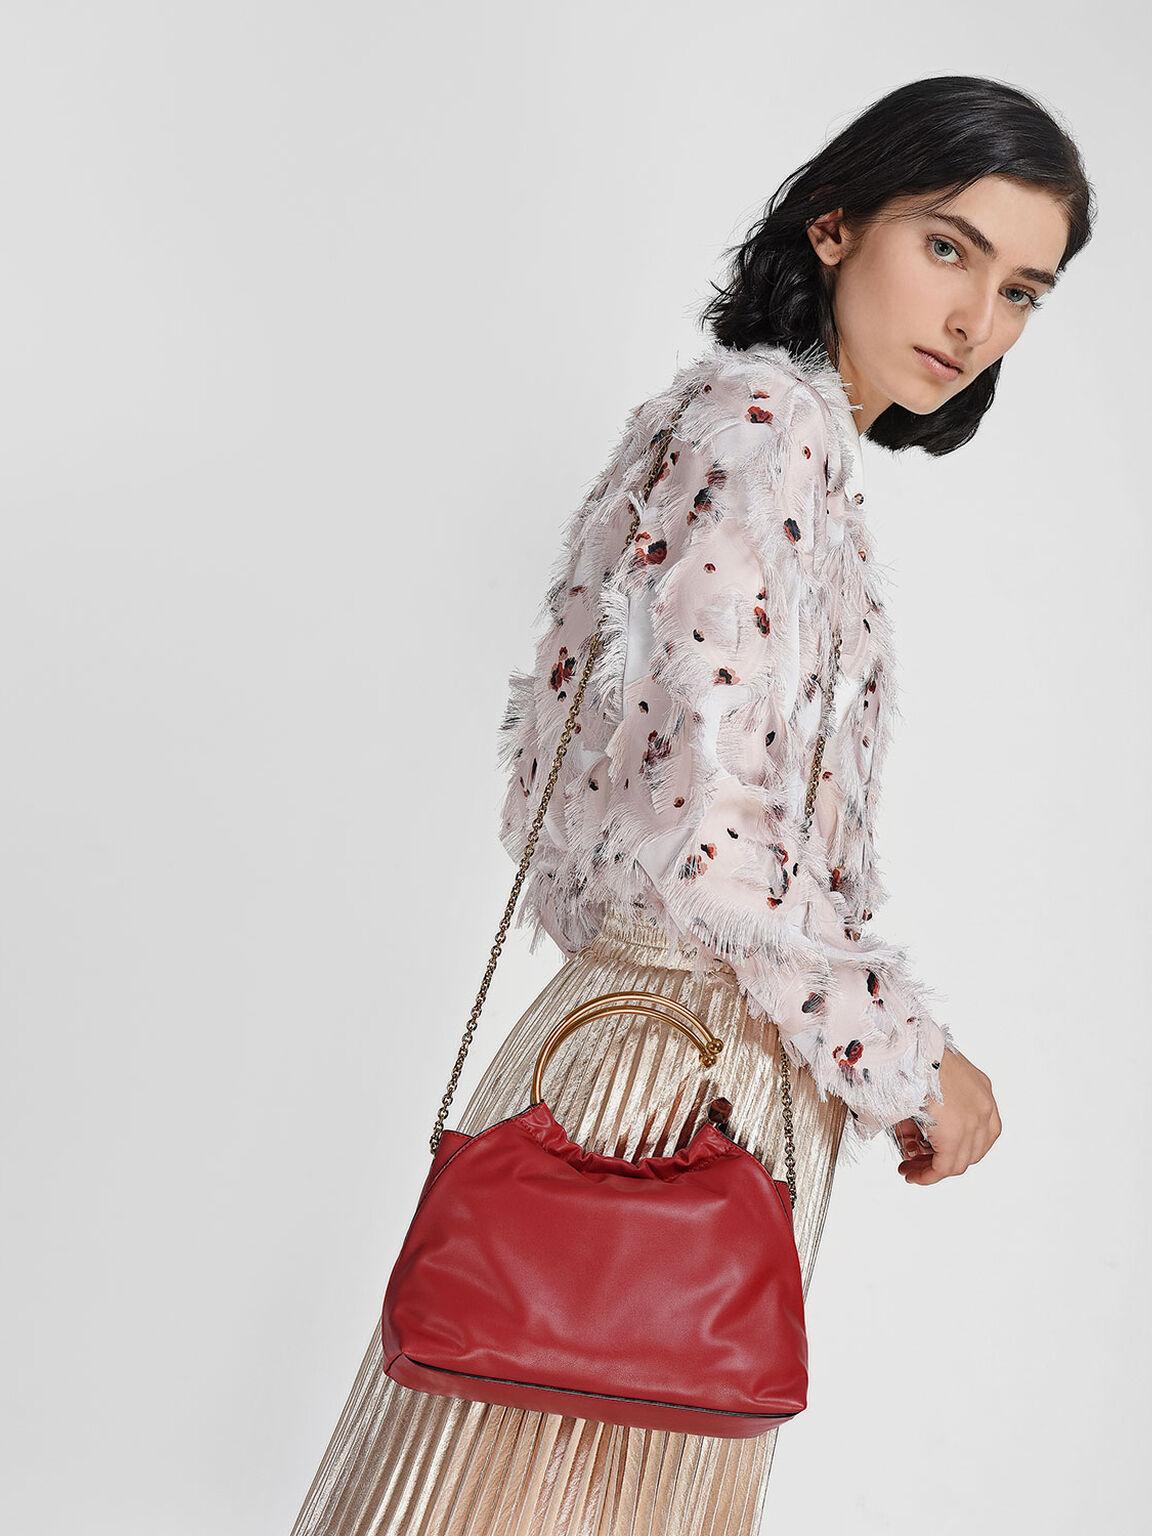 Circular Handle Bag, Red, hi-res